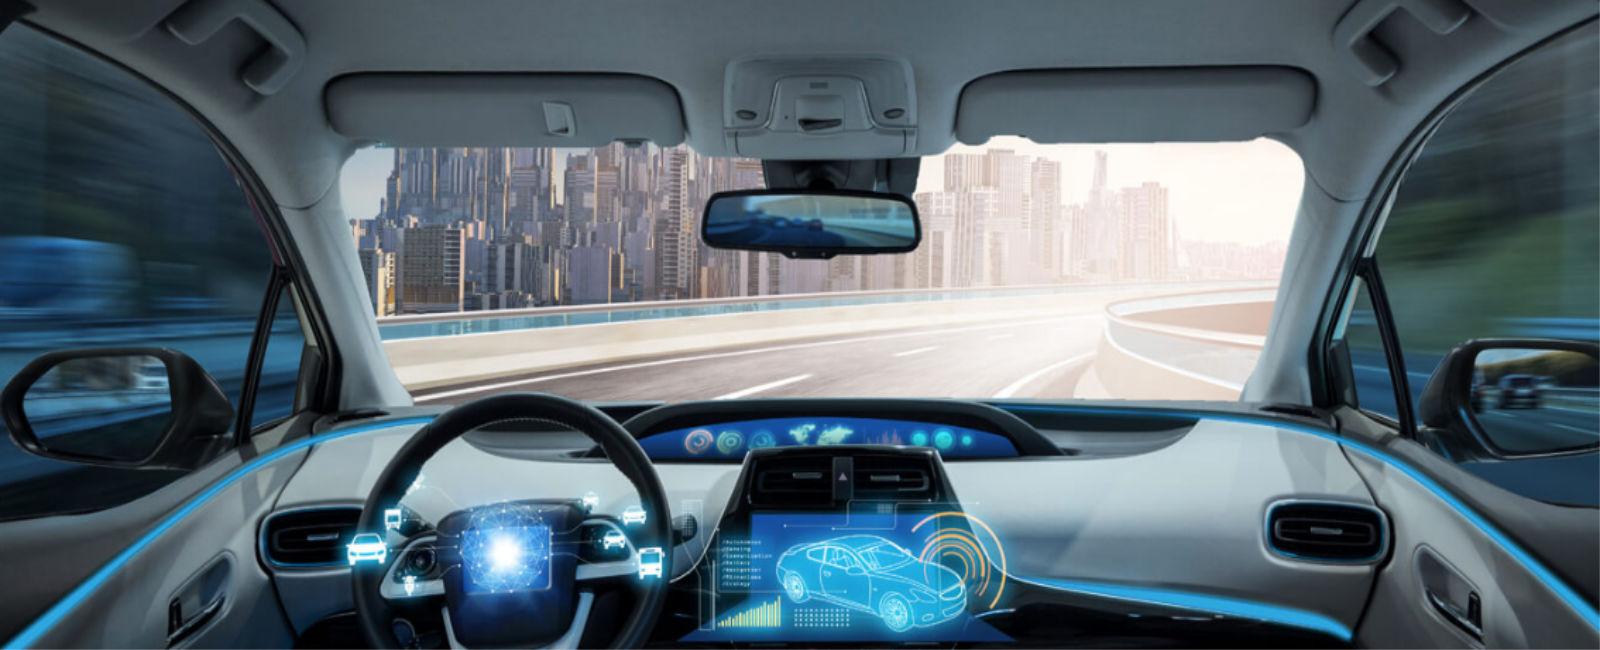 Οι 10 κυρίαρχες τεχνολογικές τάσεις για το 2025